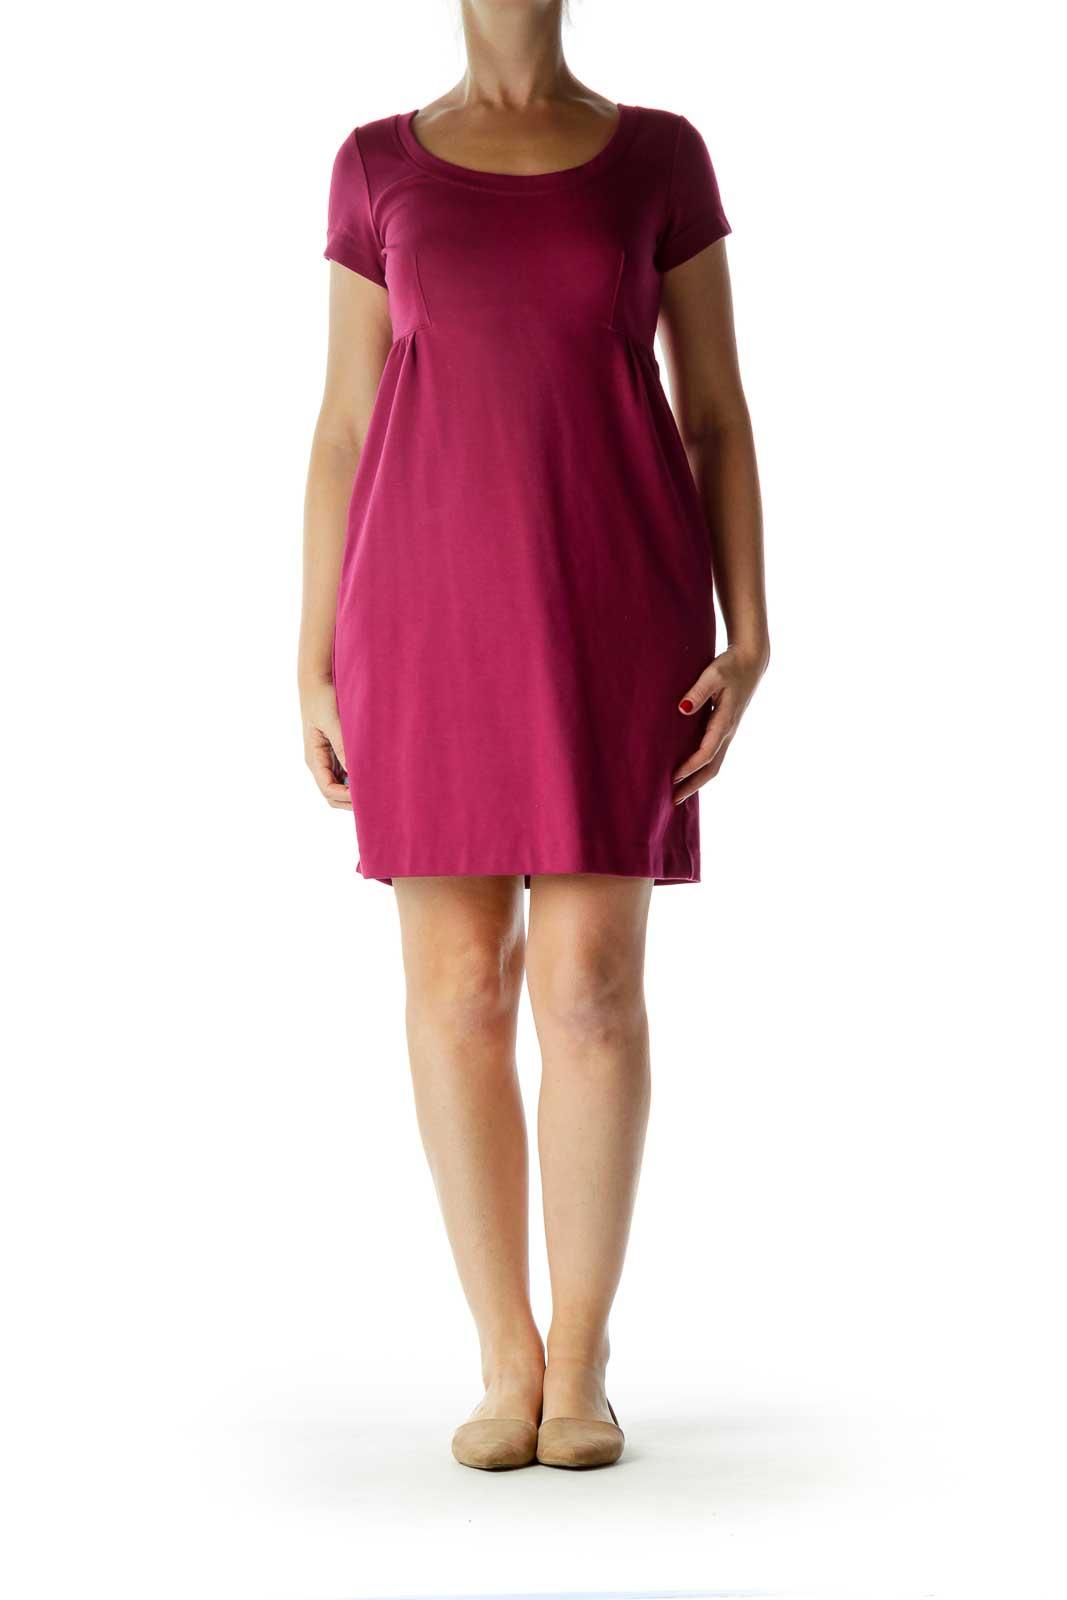 Purple Shortsleeve Round Neck Work Dress